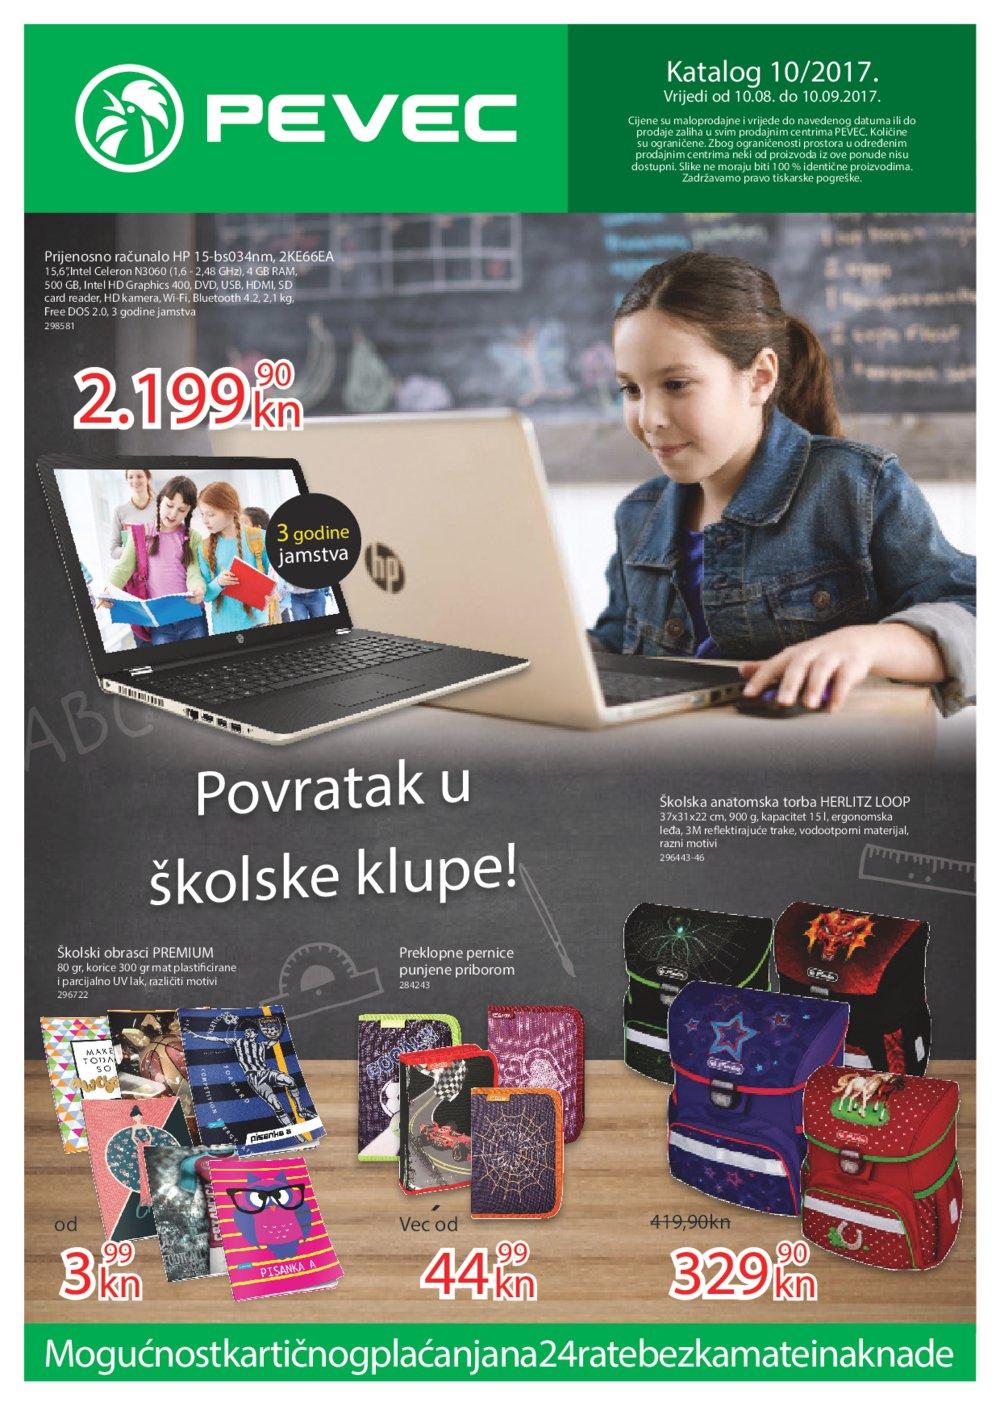 Pevec katalog Povratak u školske klupe 10.08.-10.09.2017.